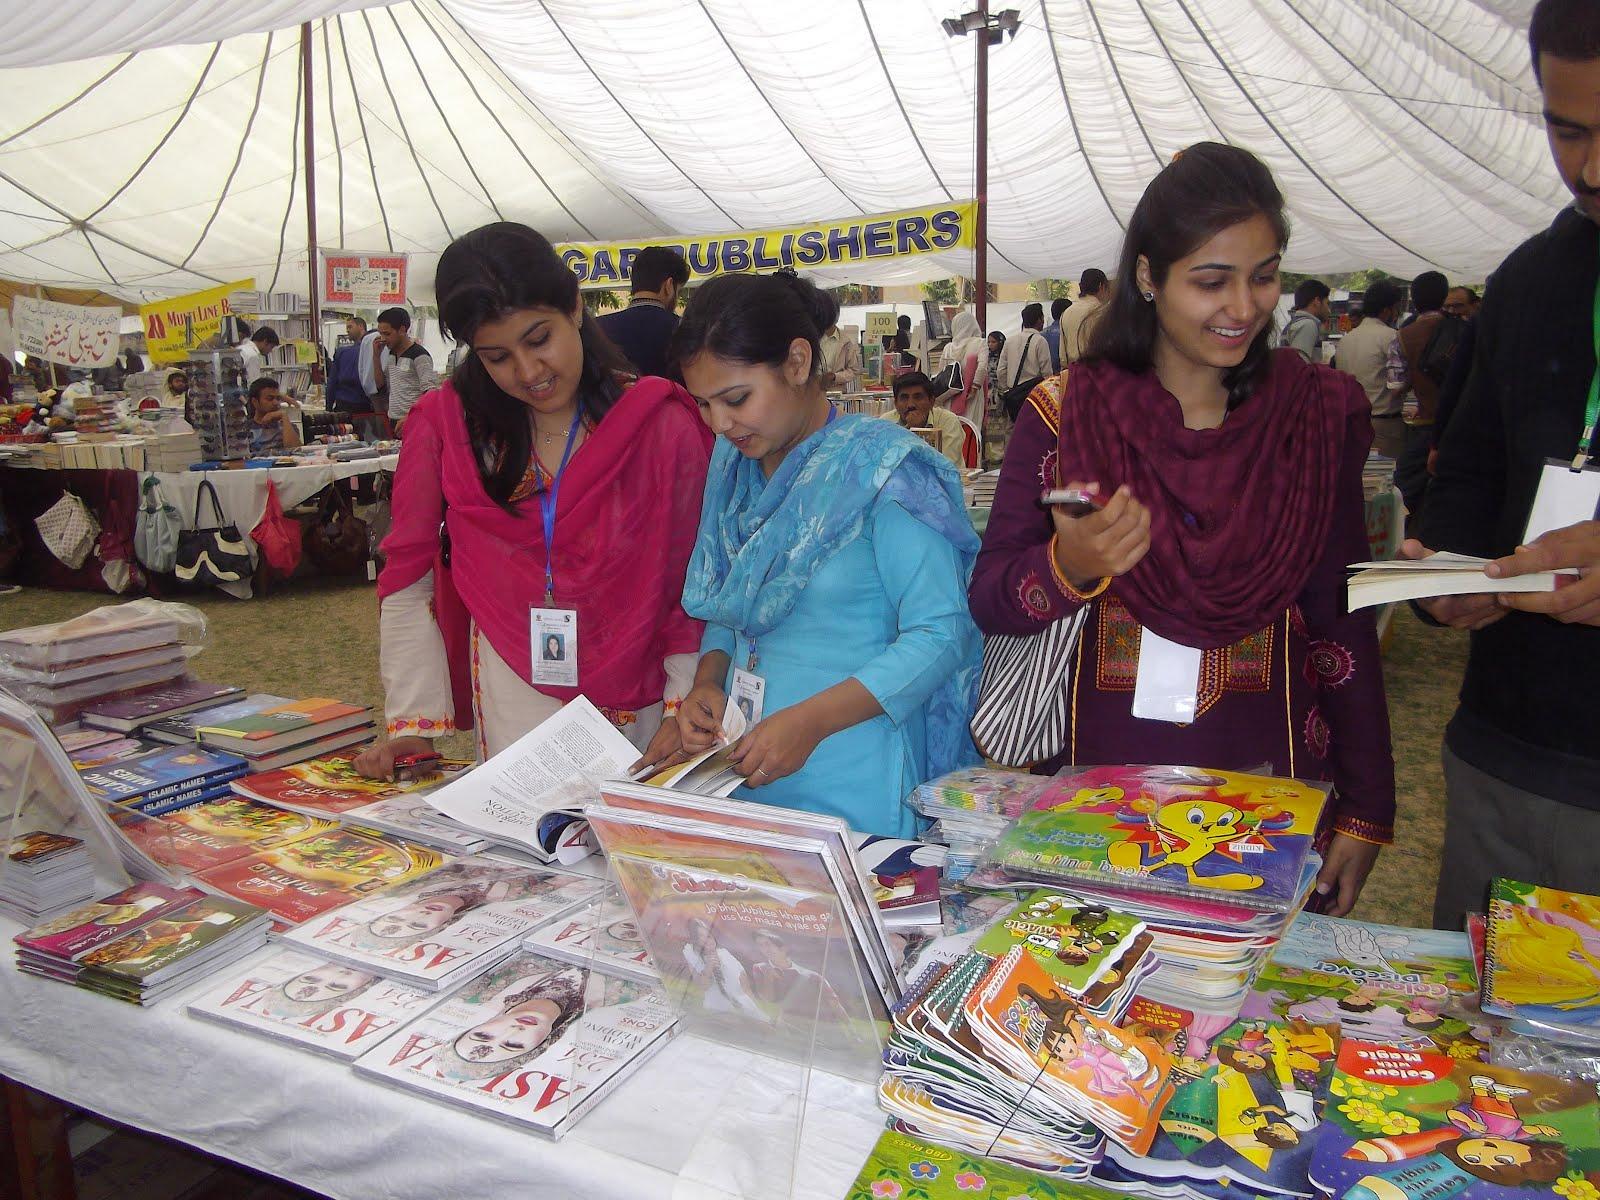 visit to a book fair essay